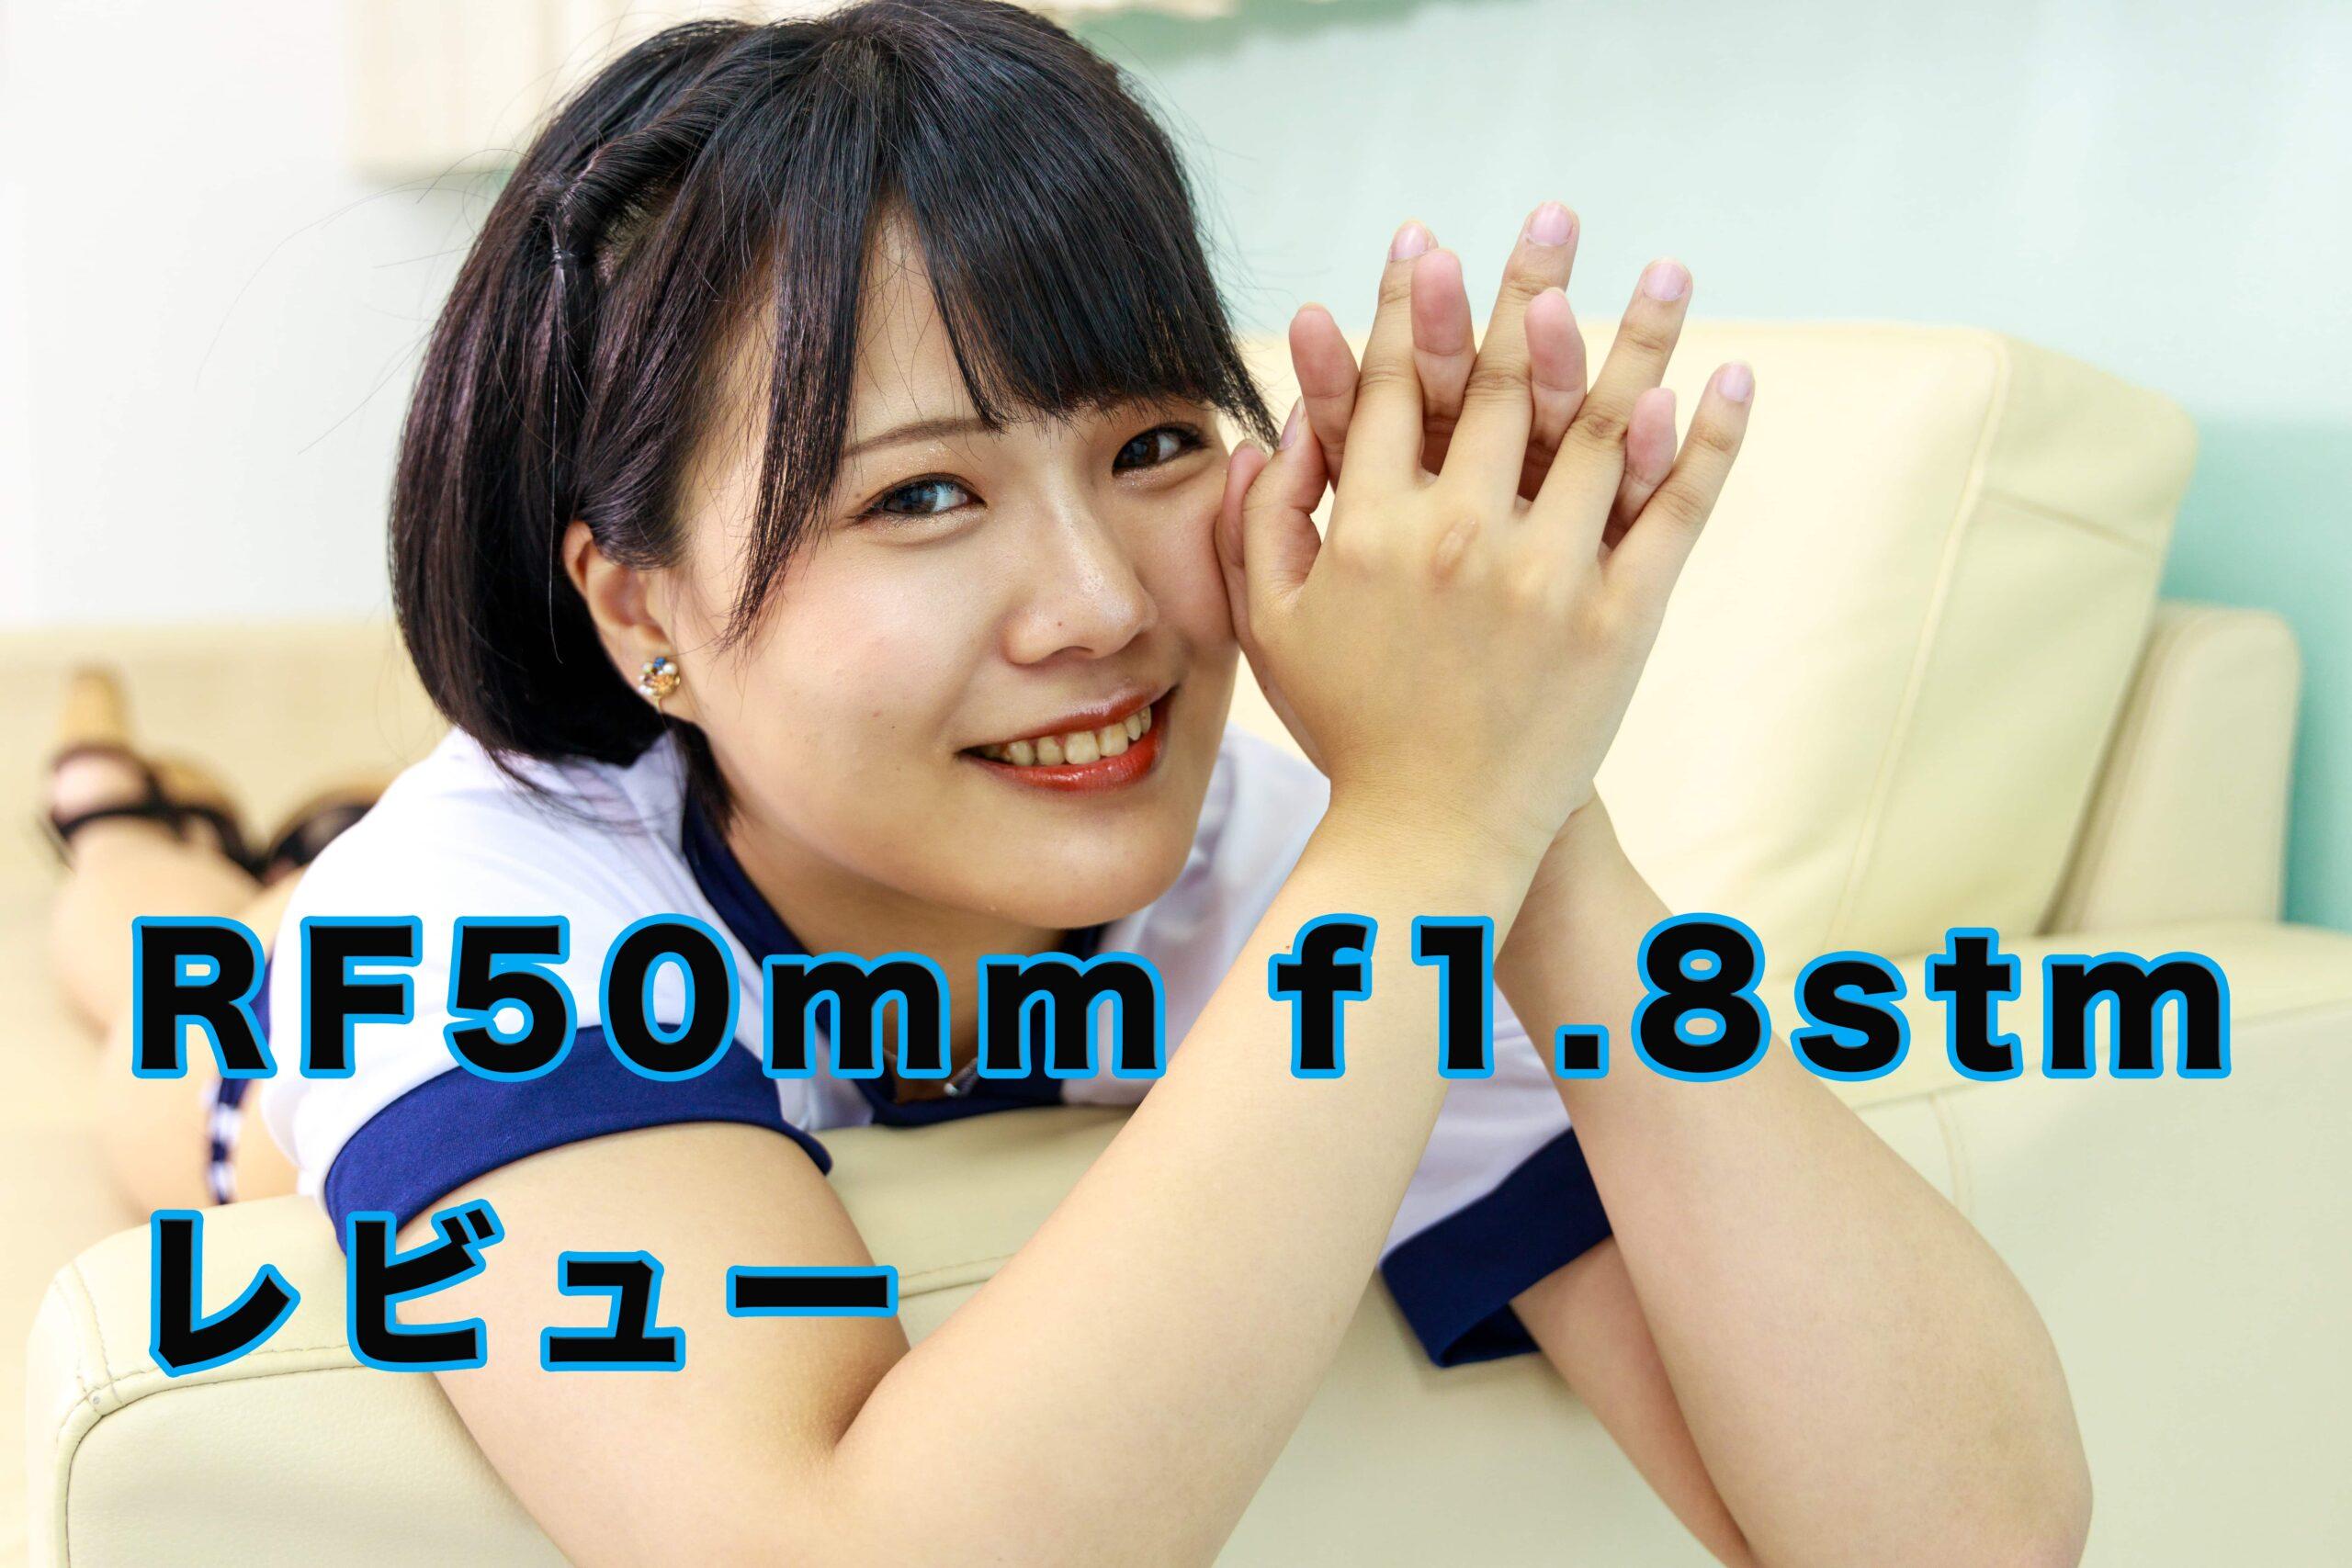 【ポートレート作例付き】RF50mm f1.8stmレビュー。RFマウントコスパ最強の単焦点